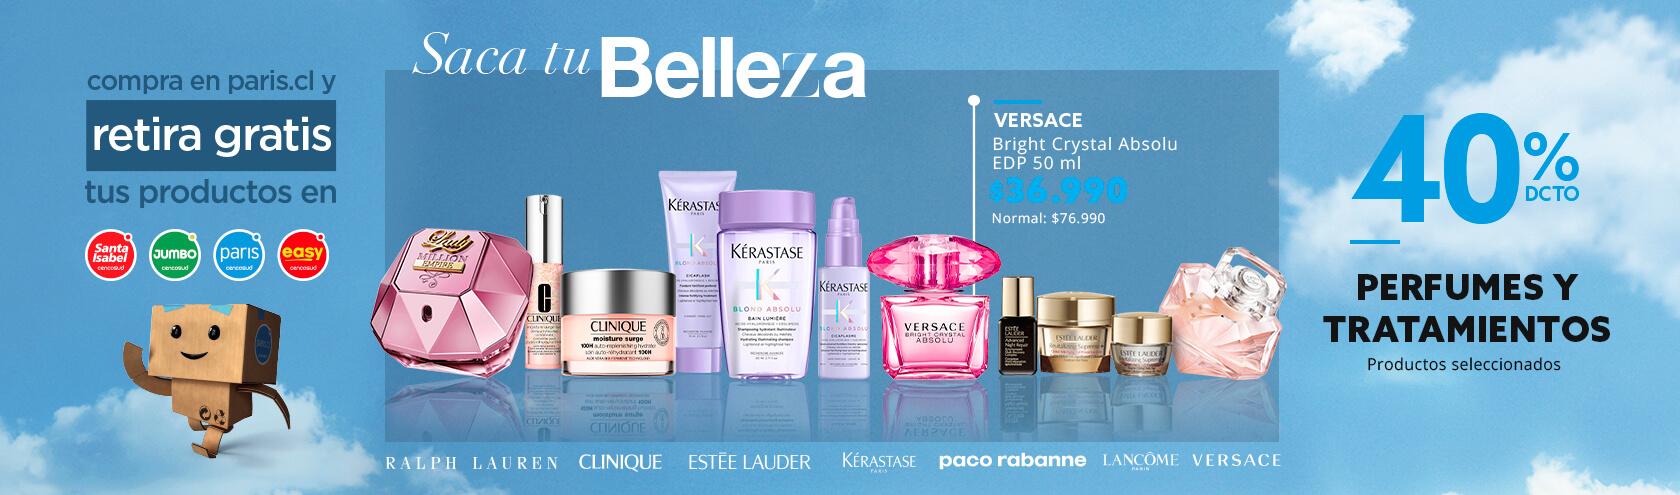 40% Perfumes y Tratamiento Productos seleccionados